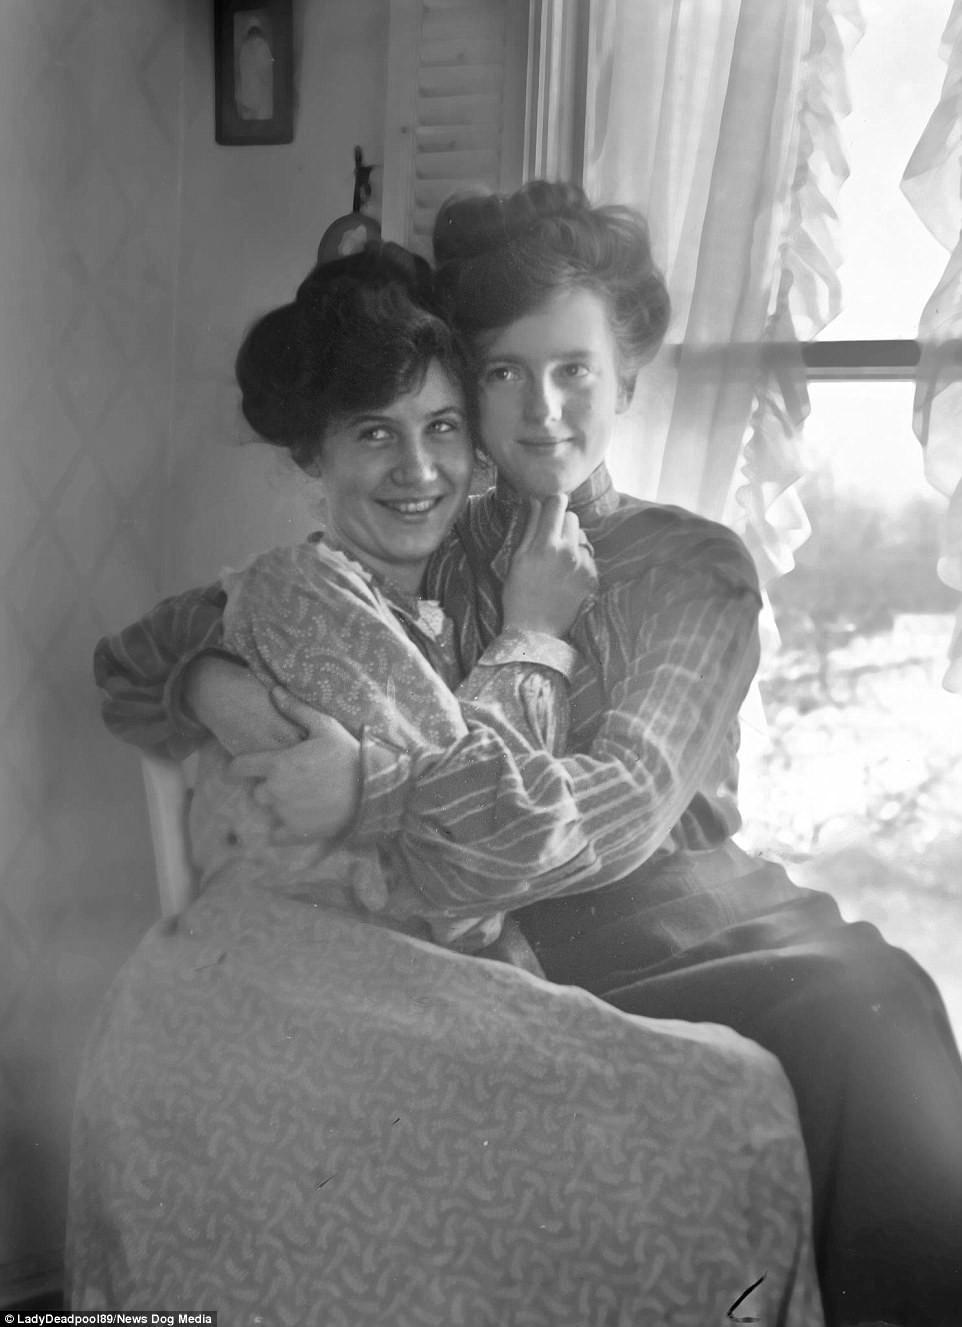 Chuyện kể qua ảnh: những chuyện tình đồng tính nữ phi thường vào thế kỷ 19 - 20 - Ảnh 9.